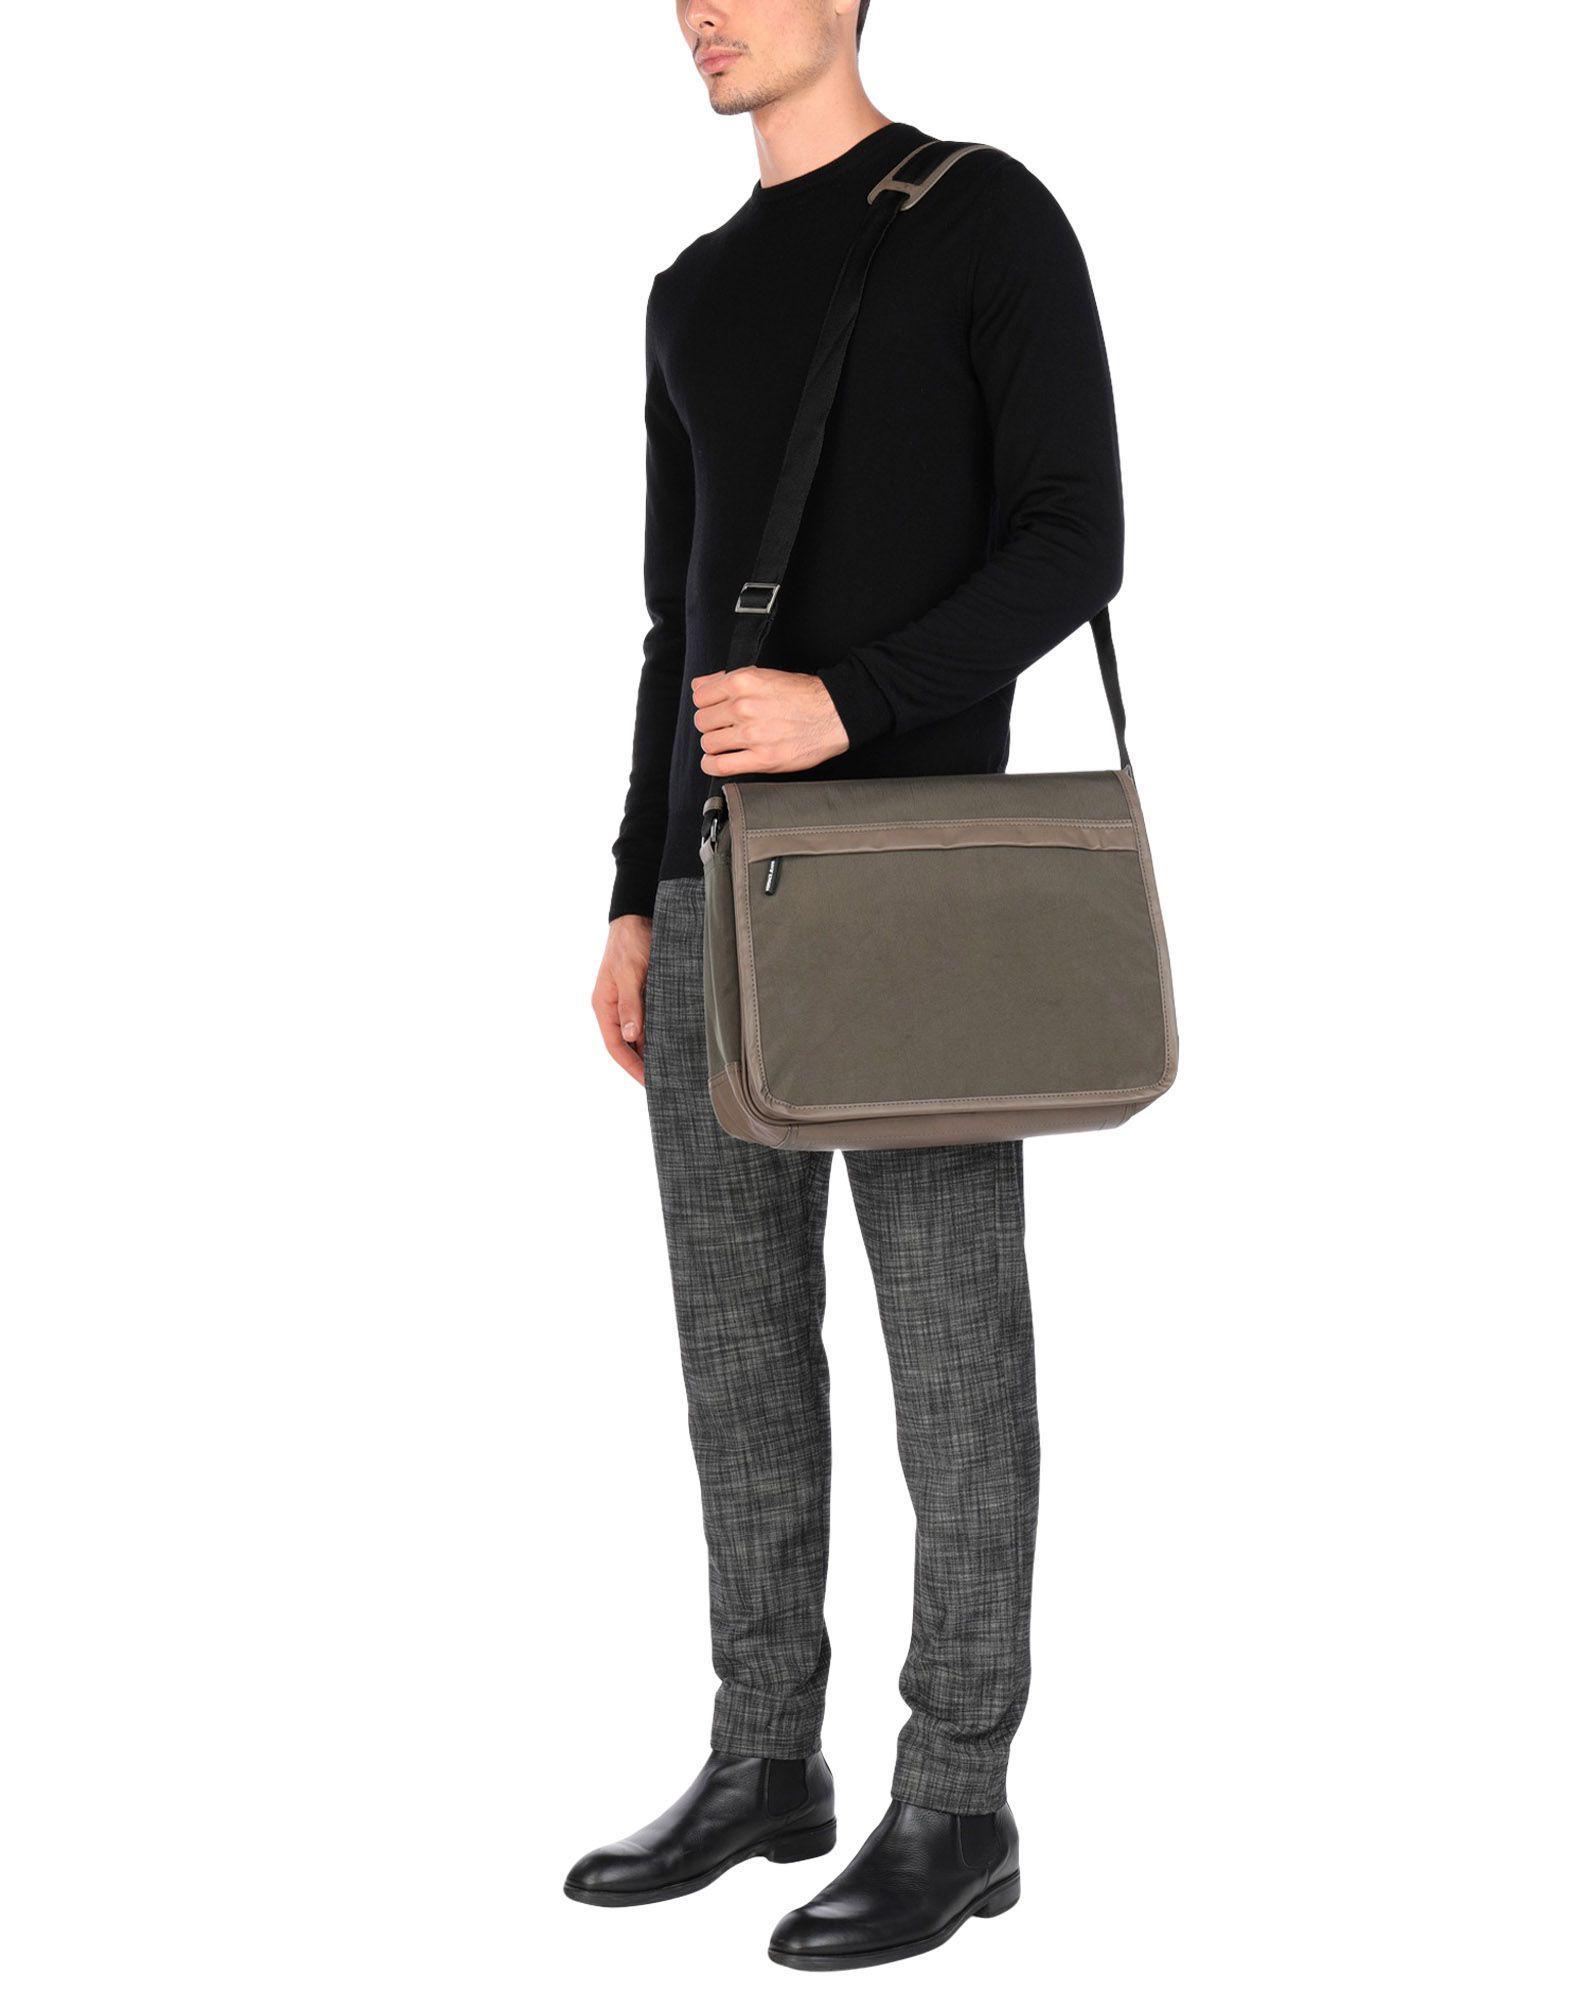 Lyst - Sacs Bandoulière Versace Jeans pour homme en coloris Vert 3a485357fcd